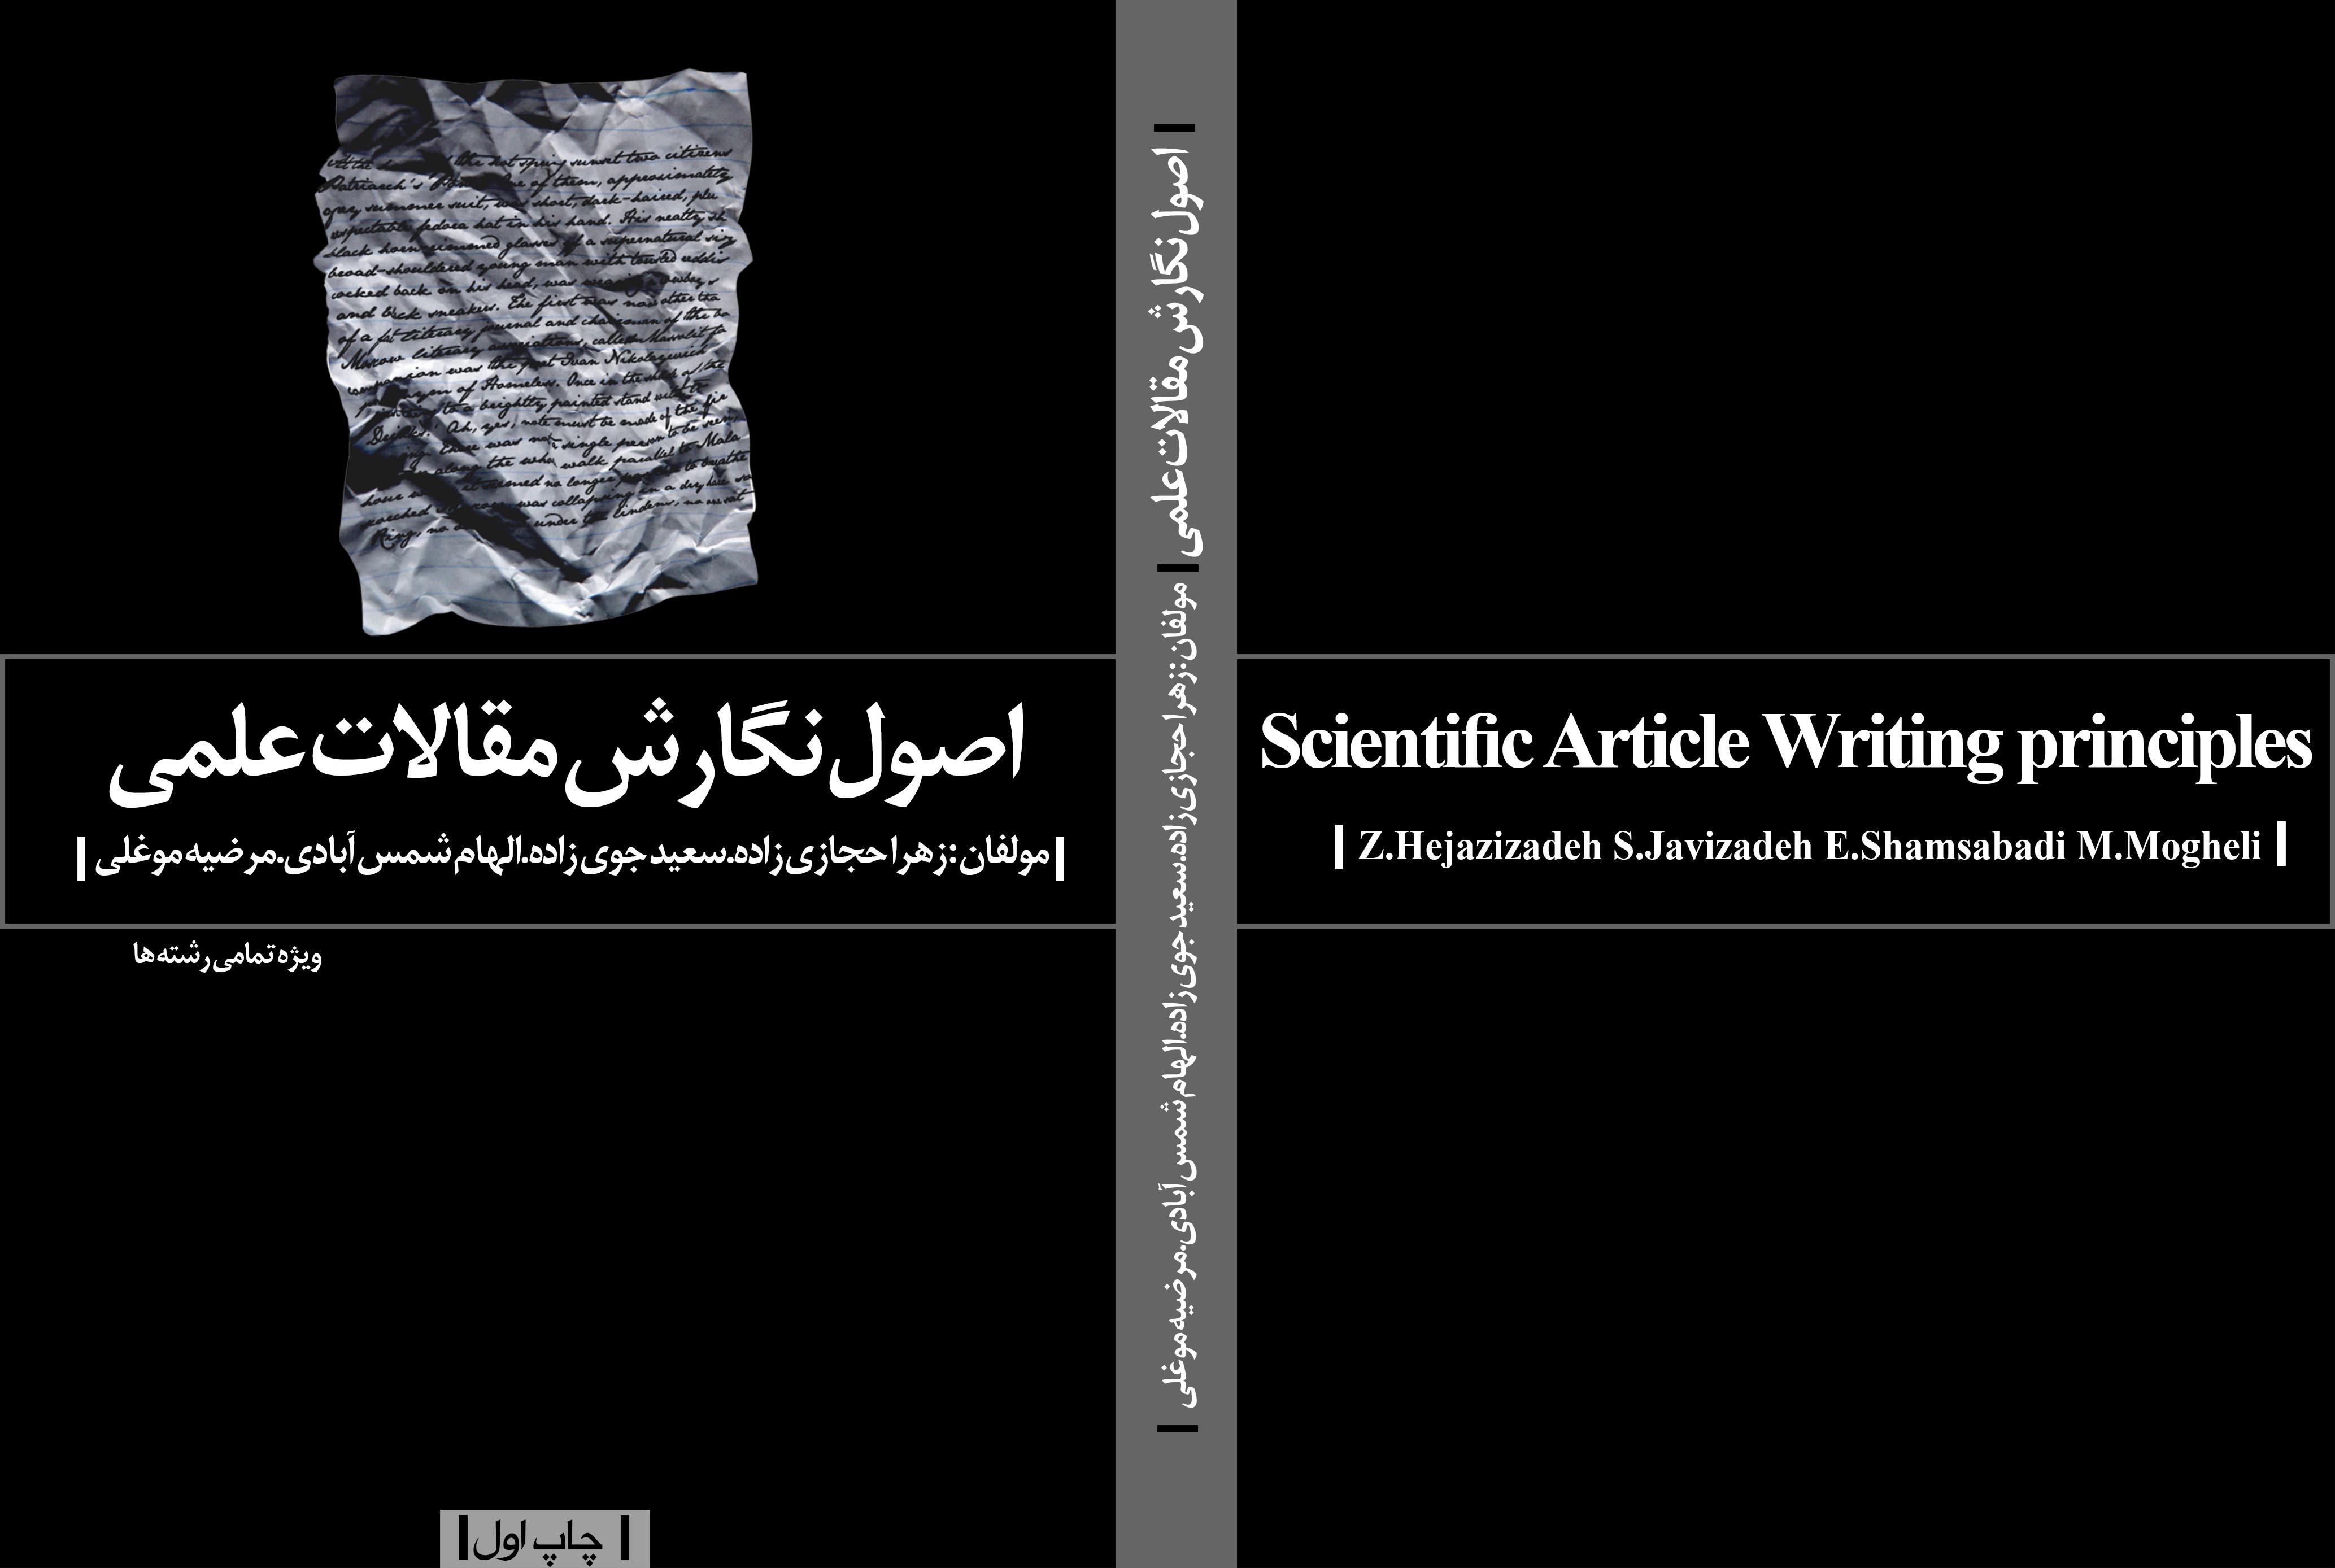 کتاب اصول نگارش مقالات علمی(ویژه تمامی رشته ها)